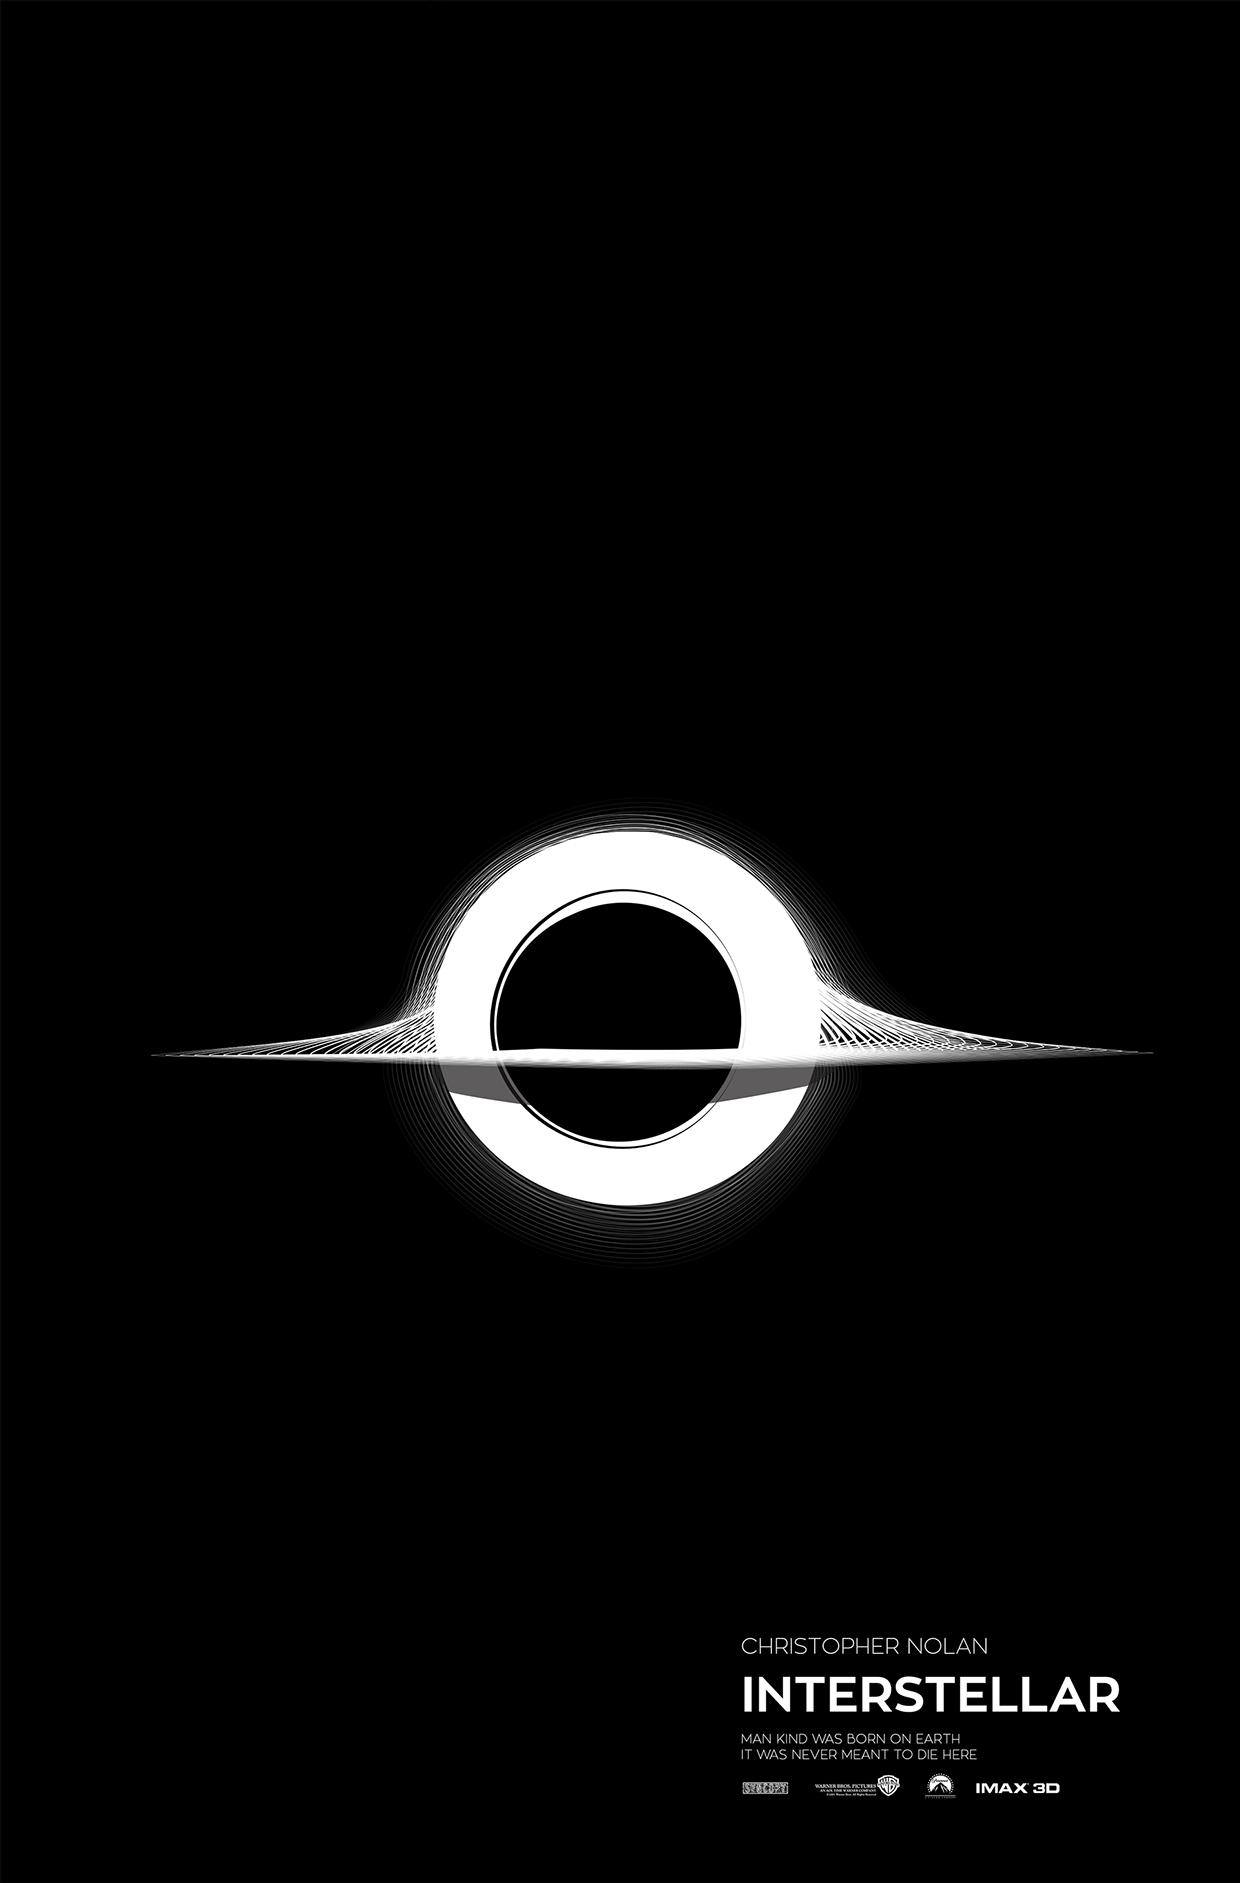 Interstellar On Behance Movie Artwork Interstellar Movie Poster Movie Posters Minimalist